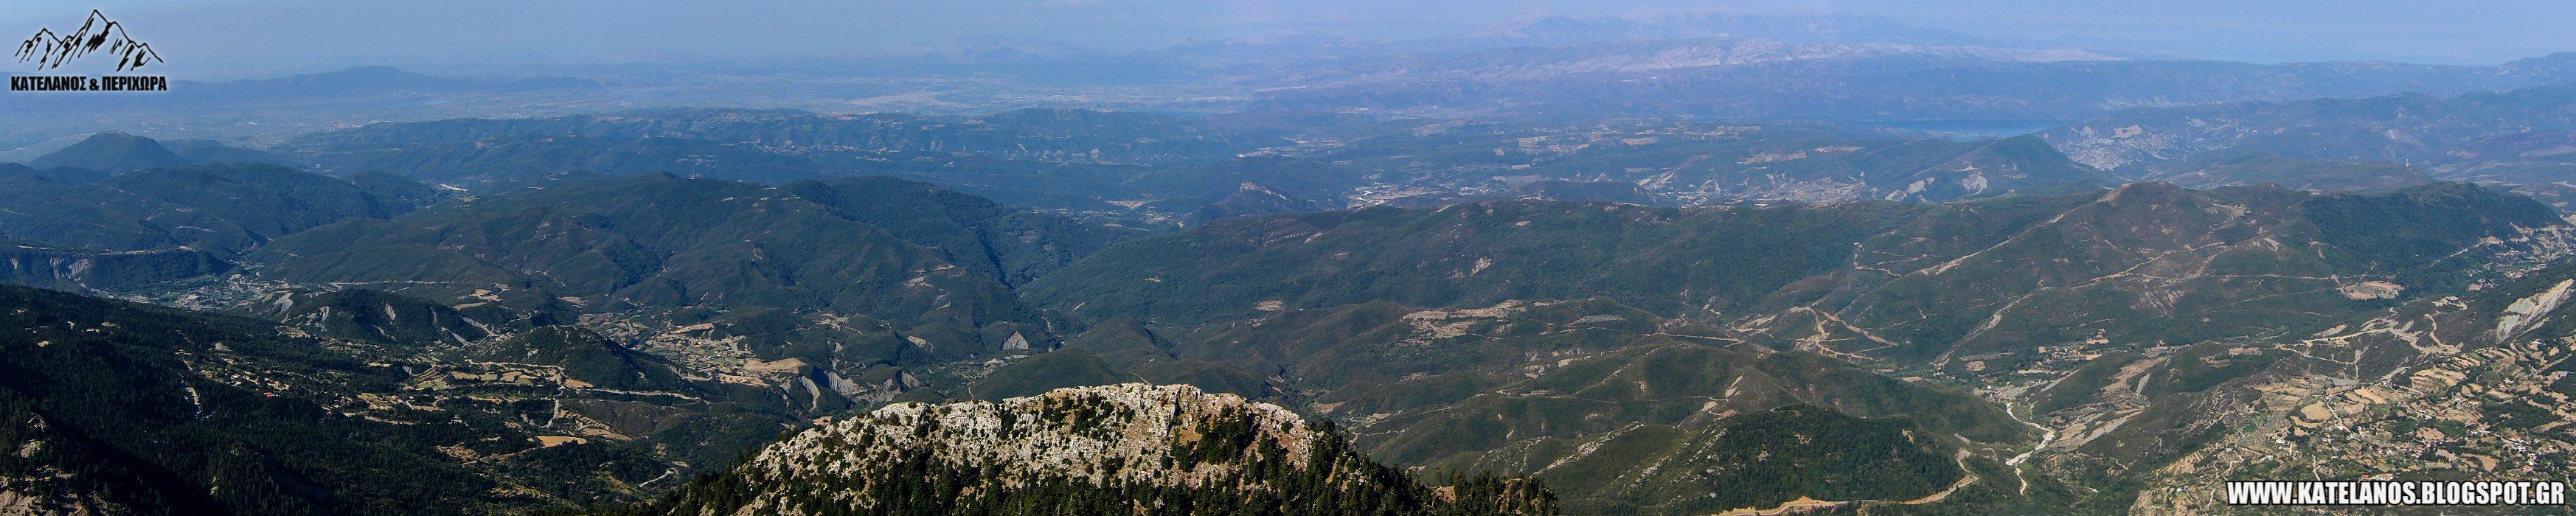 η θέα απο την κορυφη κεδρος στο παναιτωλικο ορος